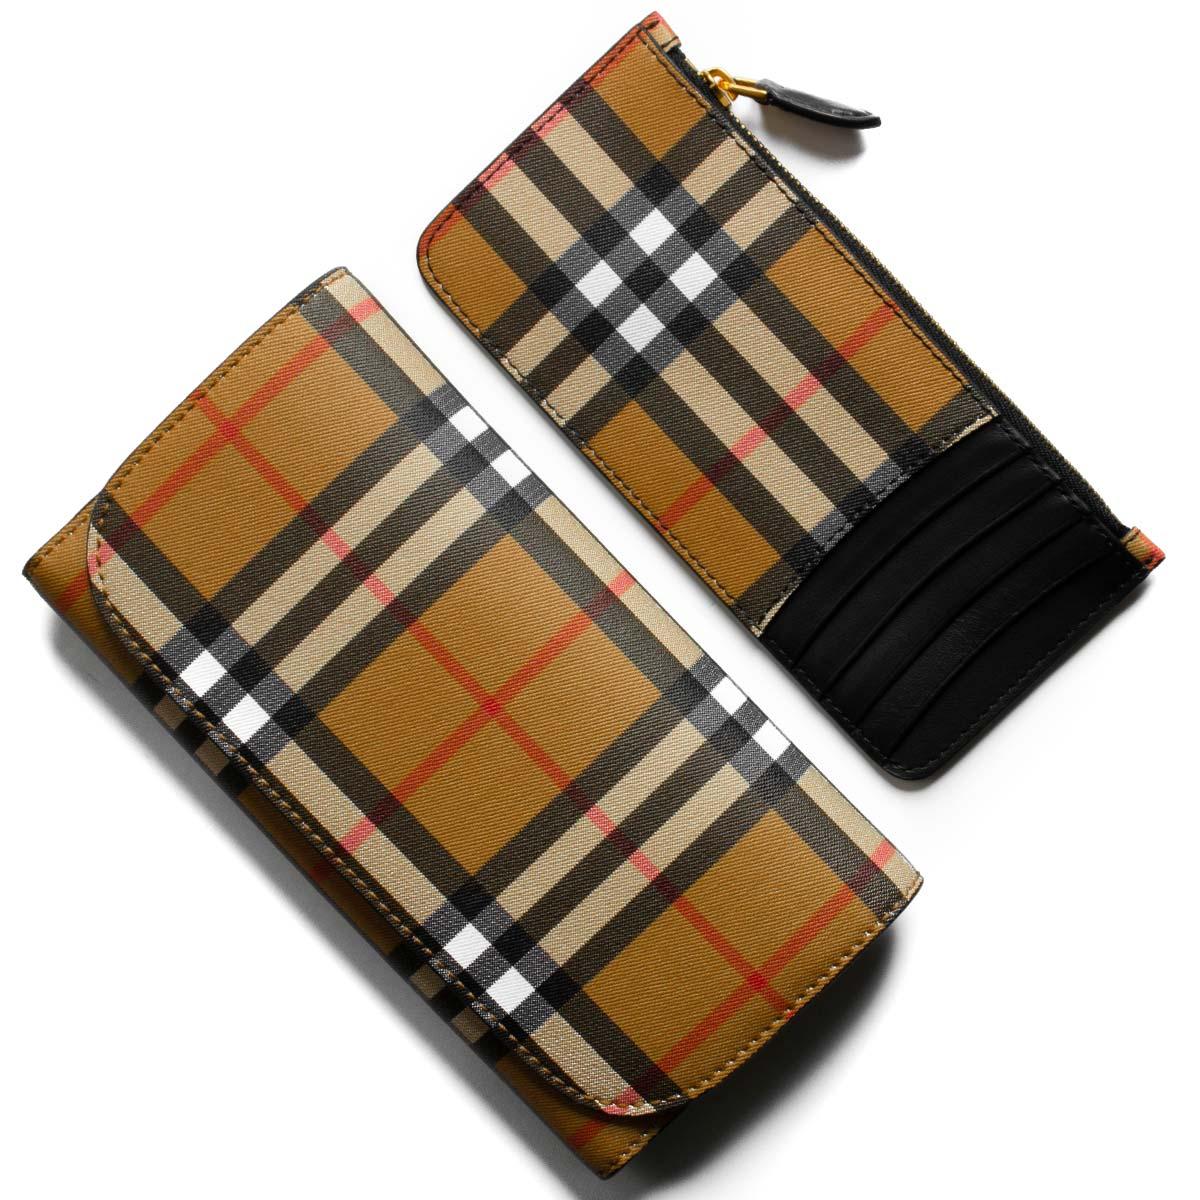 new product 0c046 ca6ad バーバリー 長財布/三つ折り財布 財布 メンズ レディース ケントン ヴィンテージチェック アンティークイエローベージュ&ブラック 4073139  00100 BURBERRY